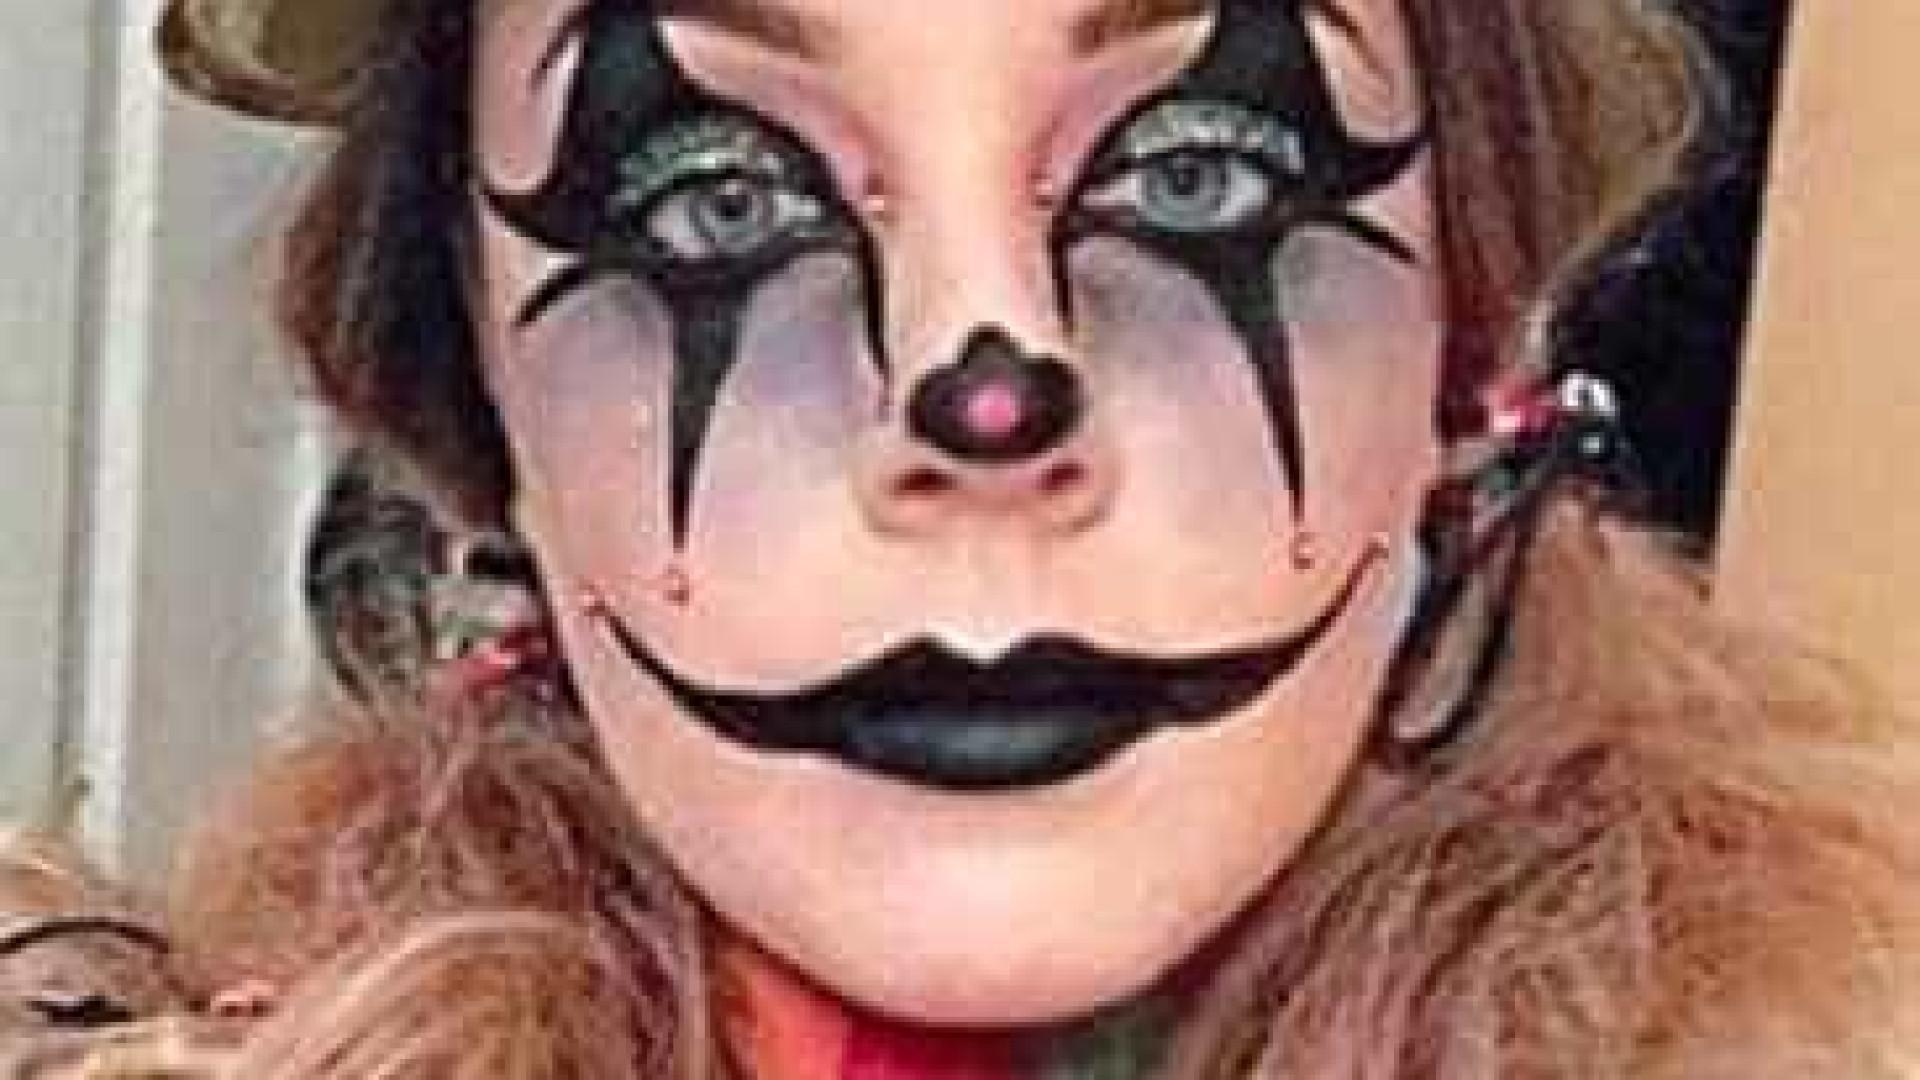 Quase cegou devido a reação alérgica à maquilhagem de Halloween